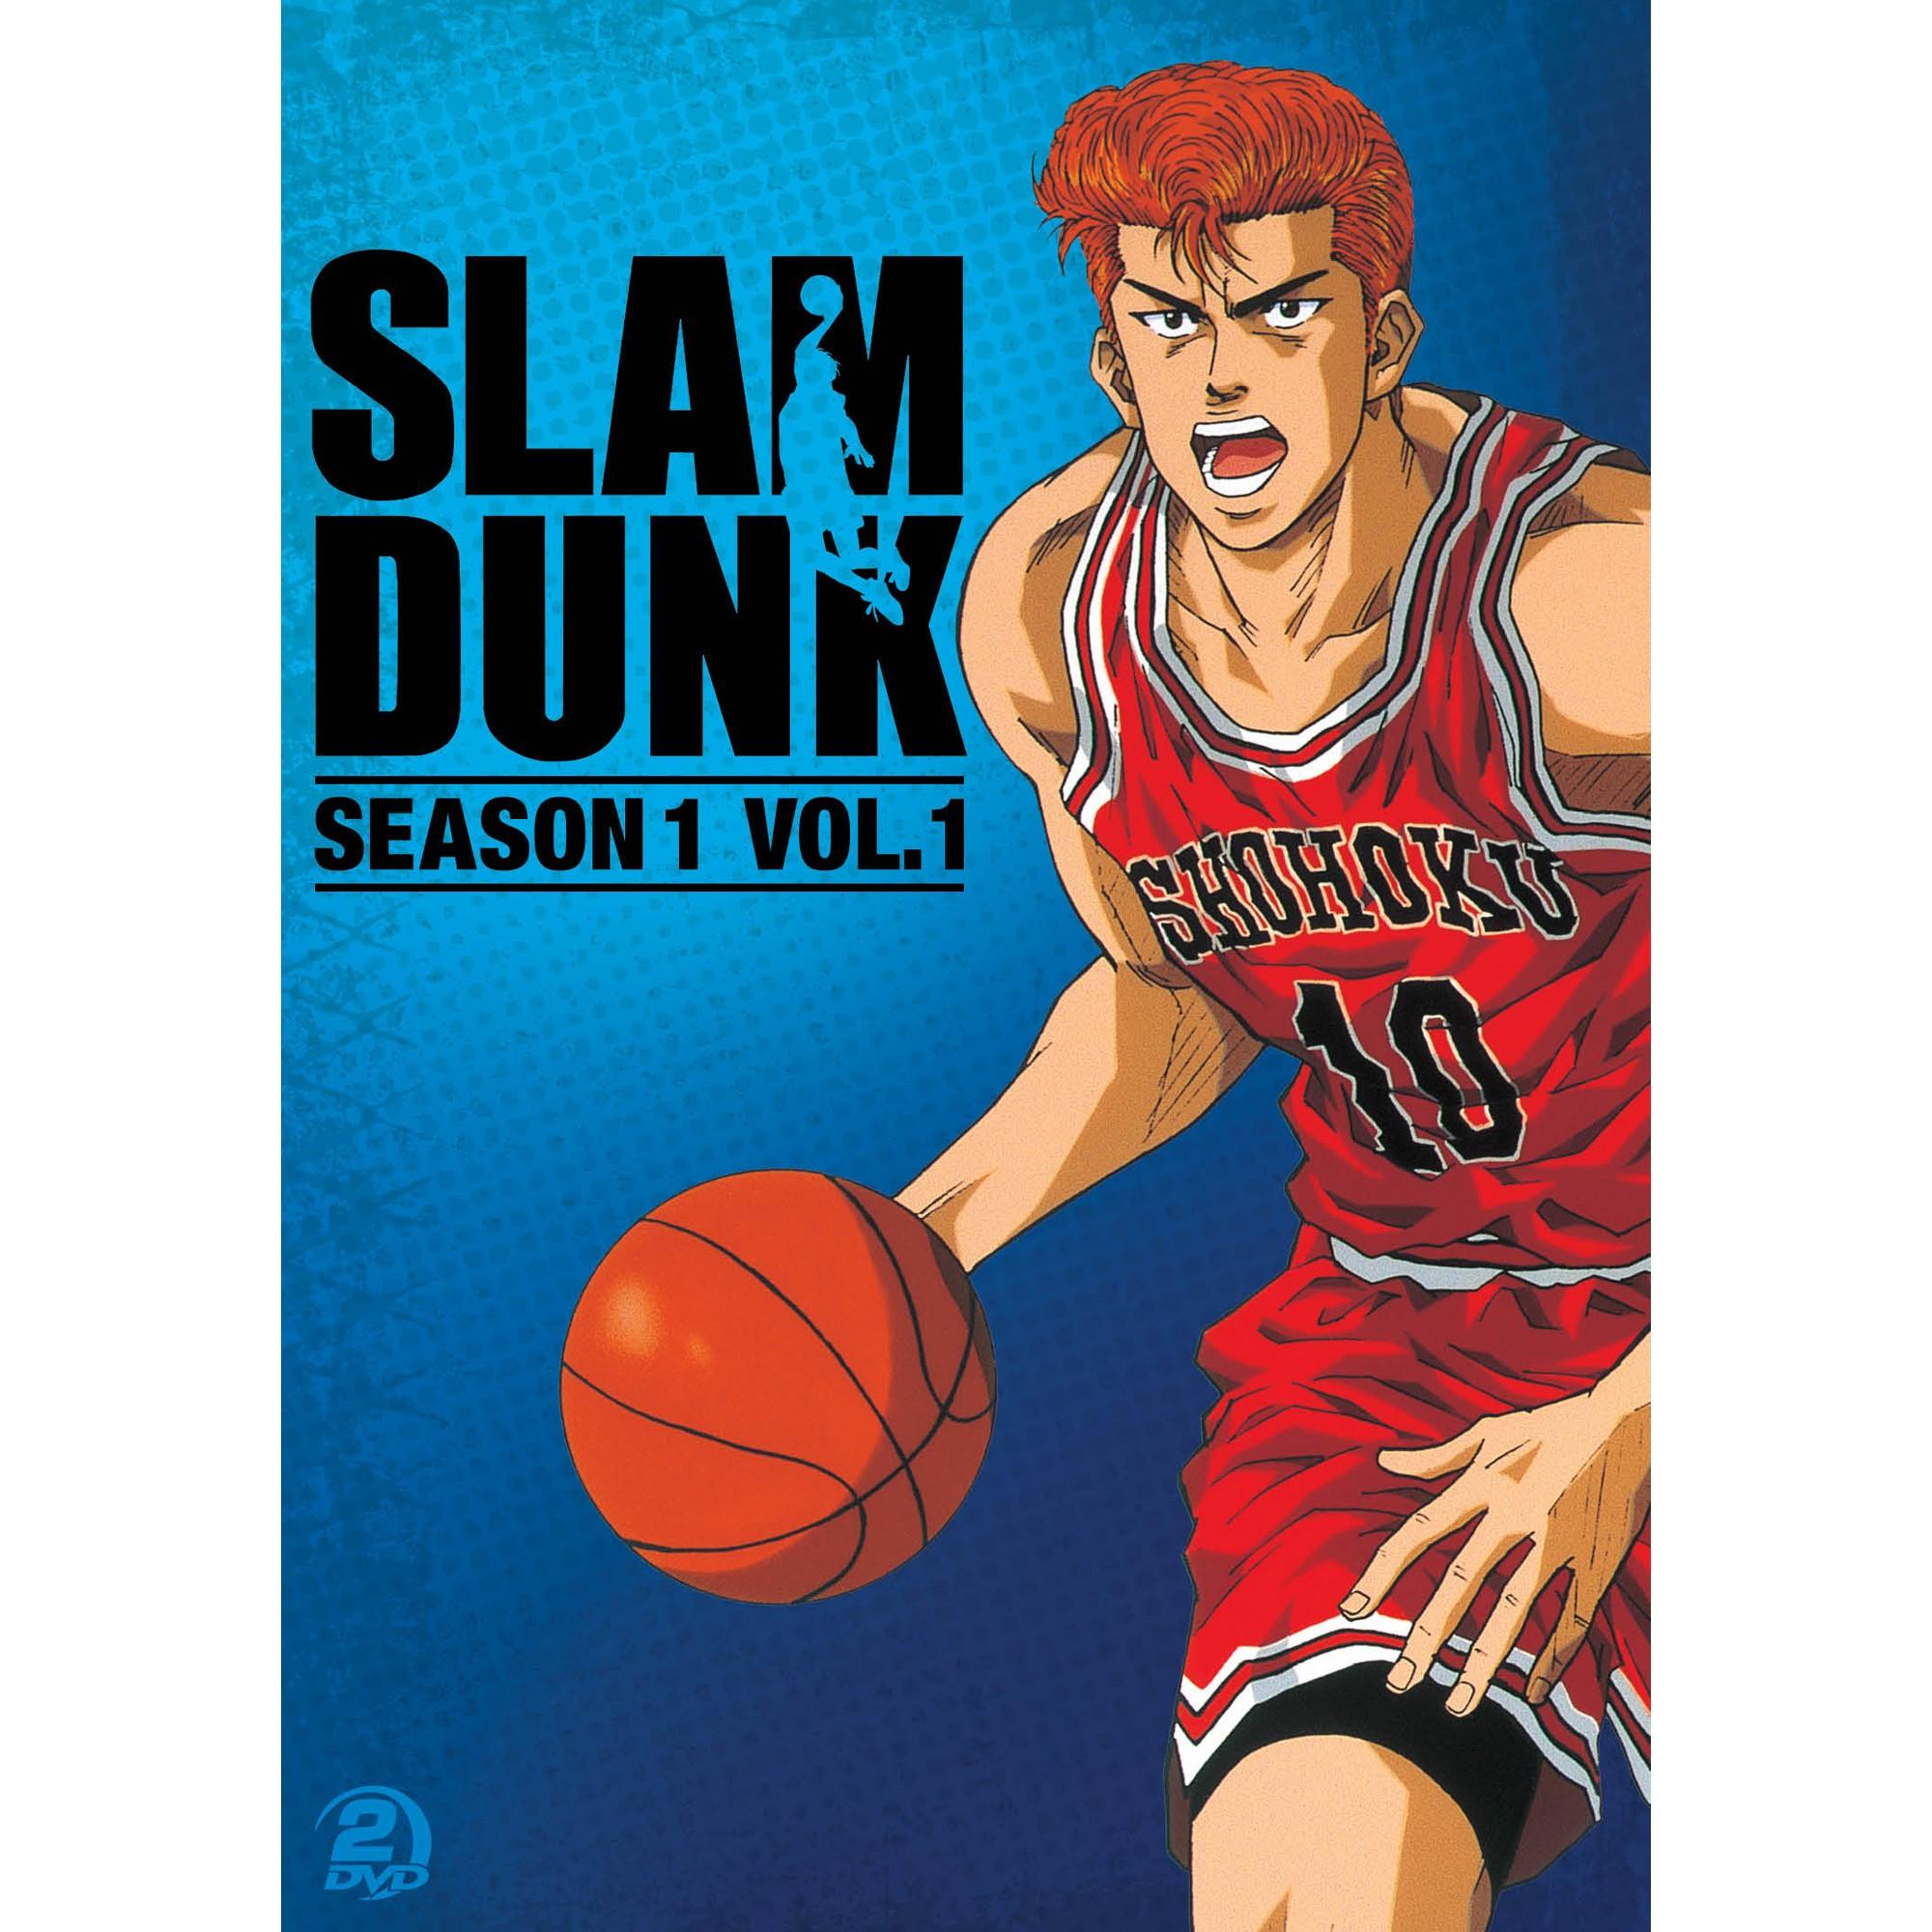 Slam dunkSeason 1 vol 1 (Dvd) Slam dunk, Nba slam dunk